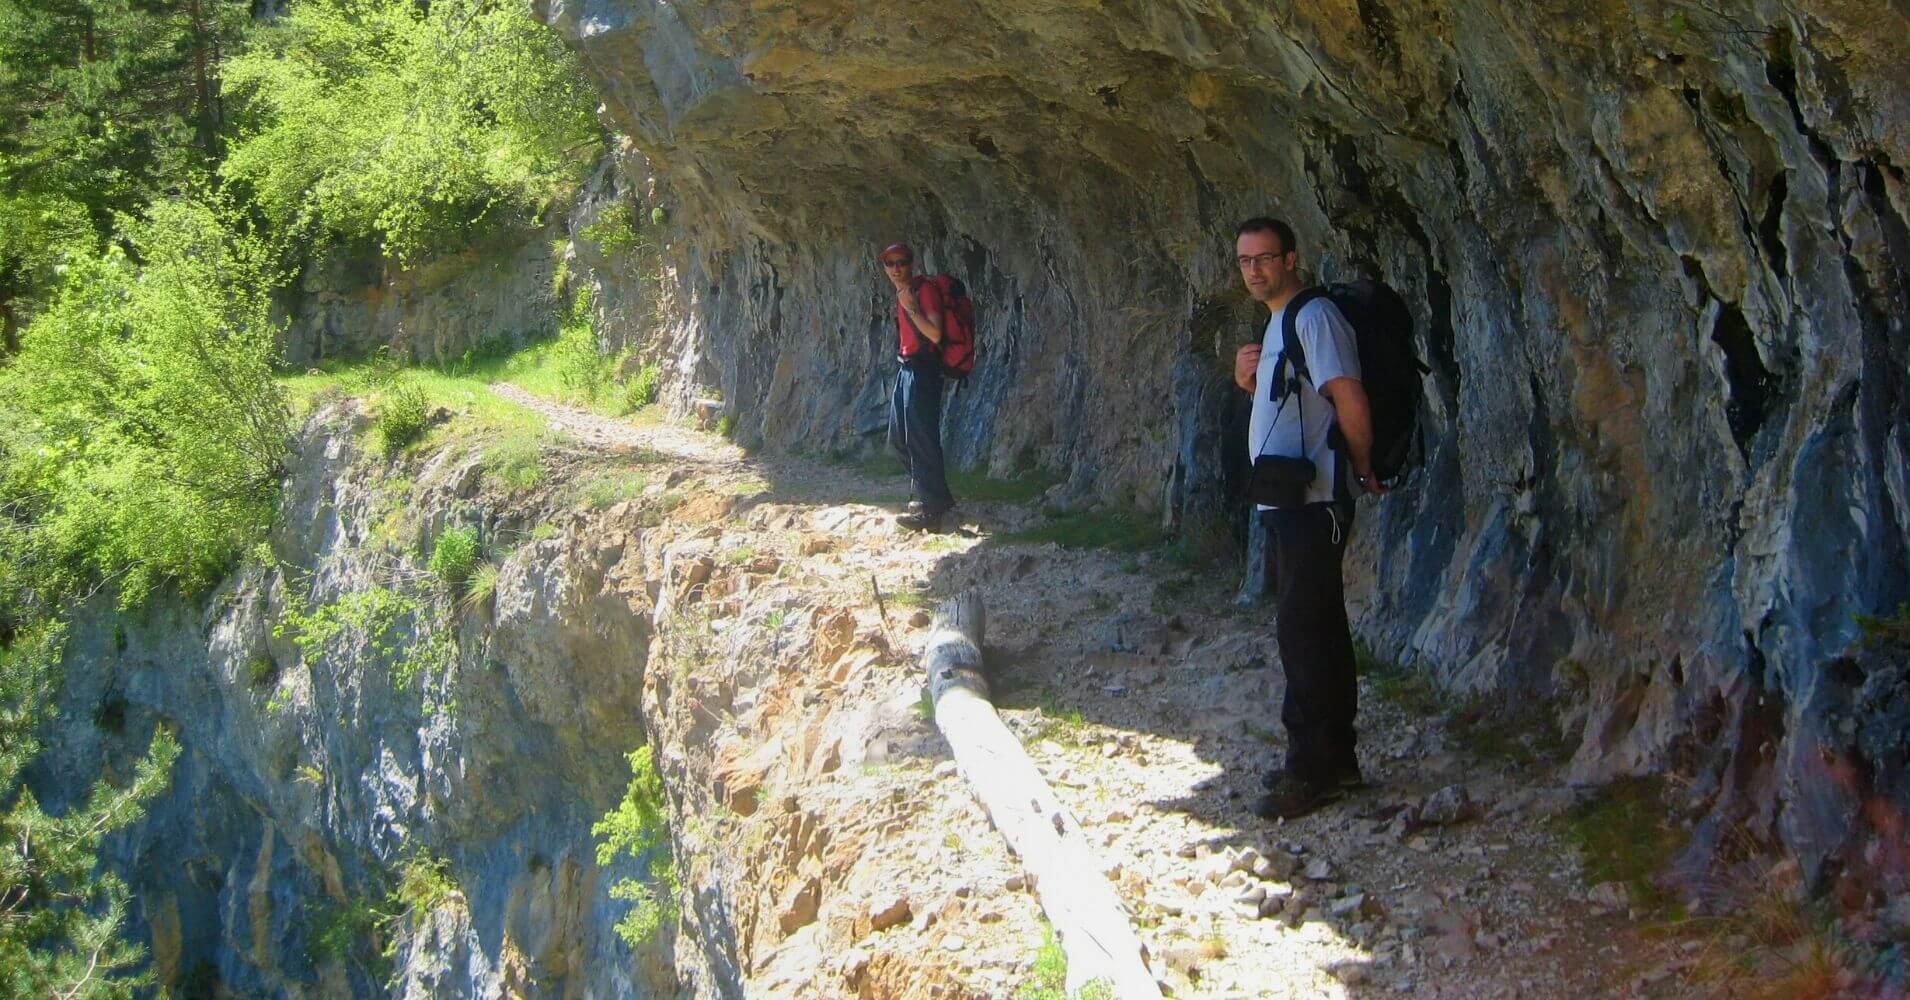 Ruta del PR HU 137 Bielsa, Tella. Huesca, Aragón.